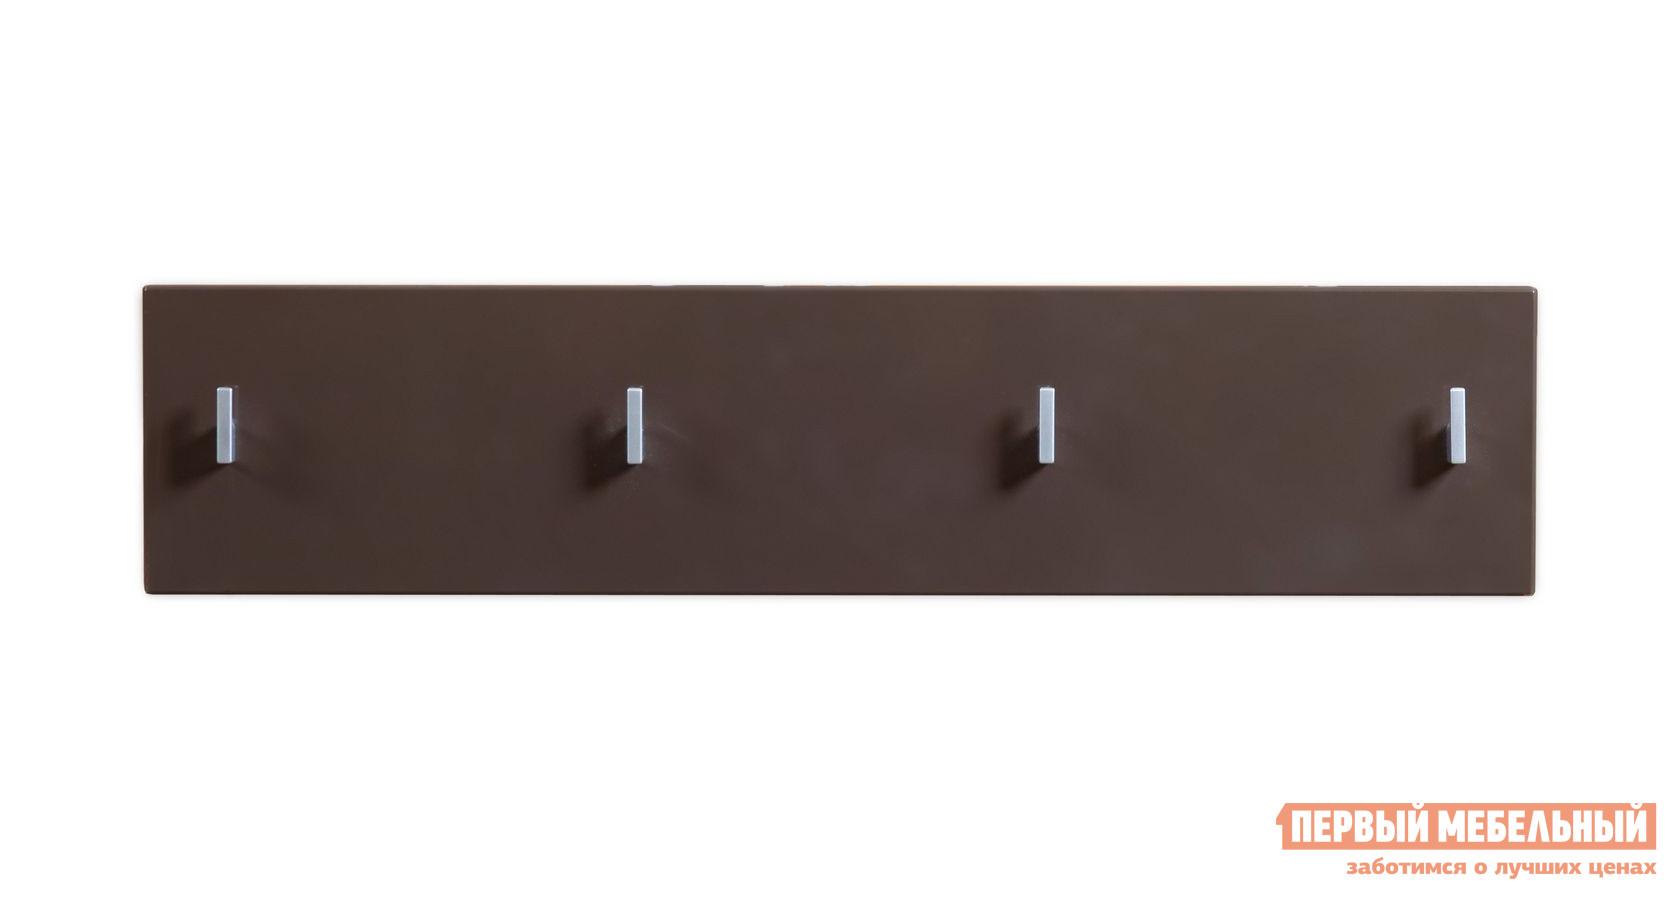 Вешалка ПМ: BRW Хоумлайн 1 Темно-коричневый блеск от Купистол